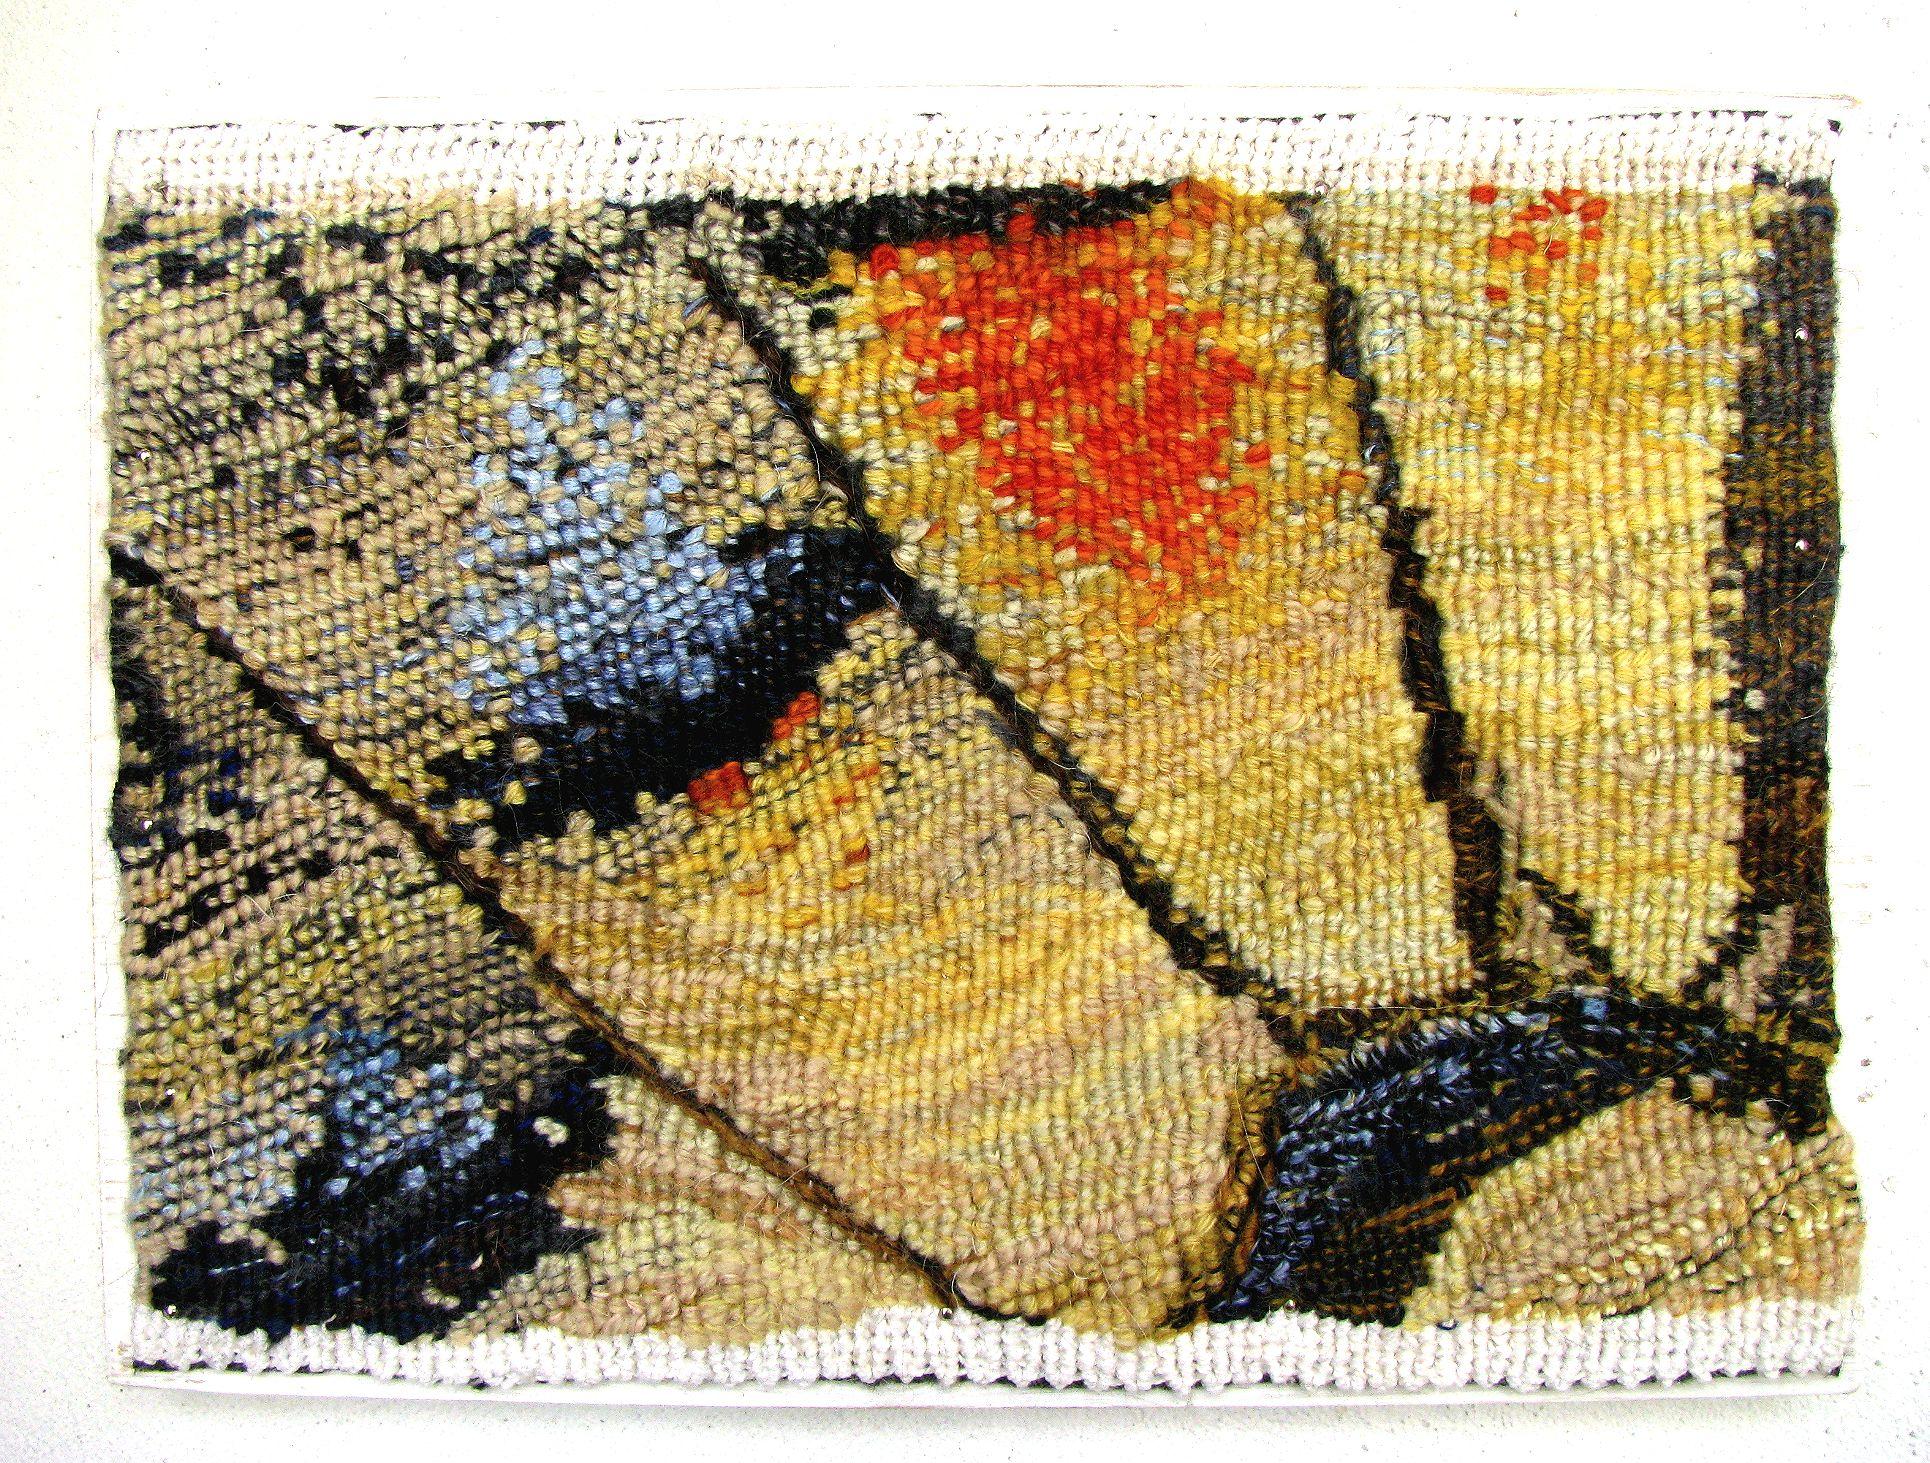 Ксенія Гопко. Природні мотиви (фрагмент крил метеликів), 2015; гобелен, 15х20 см